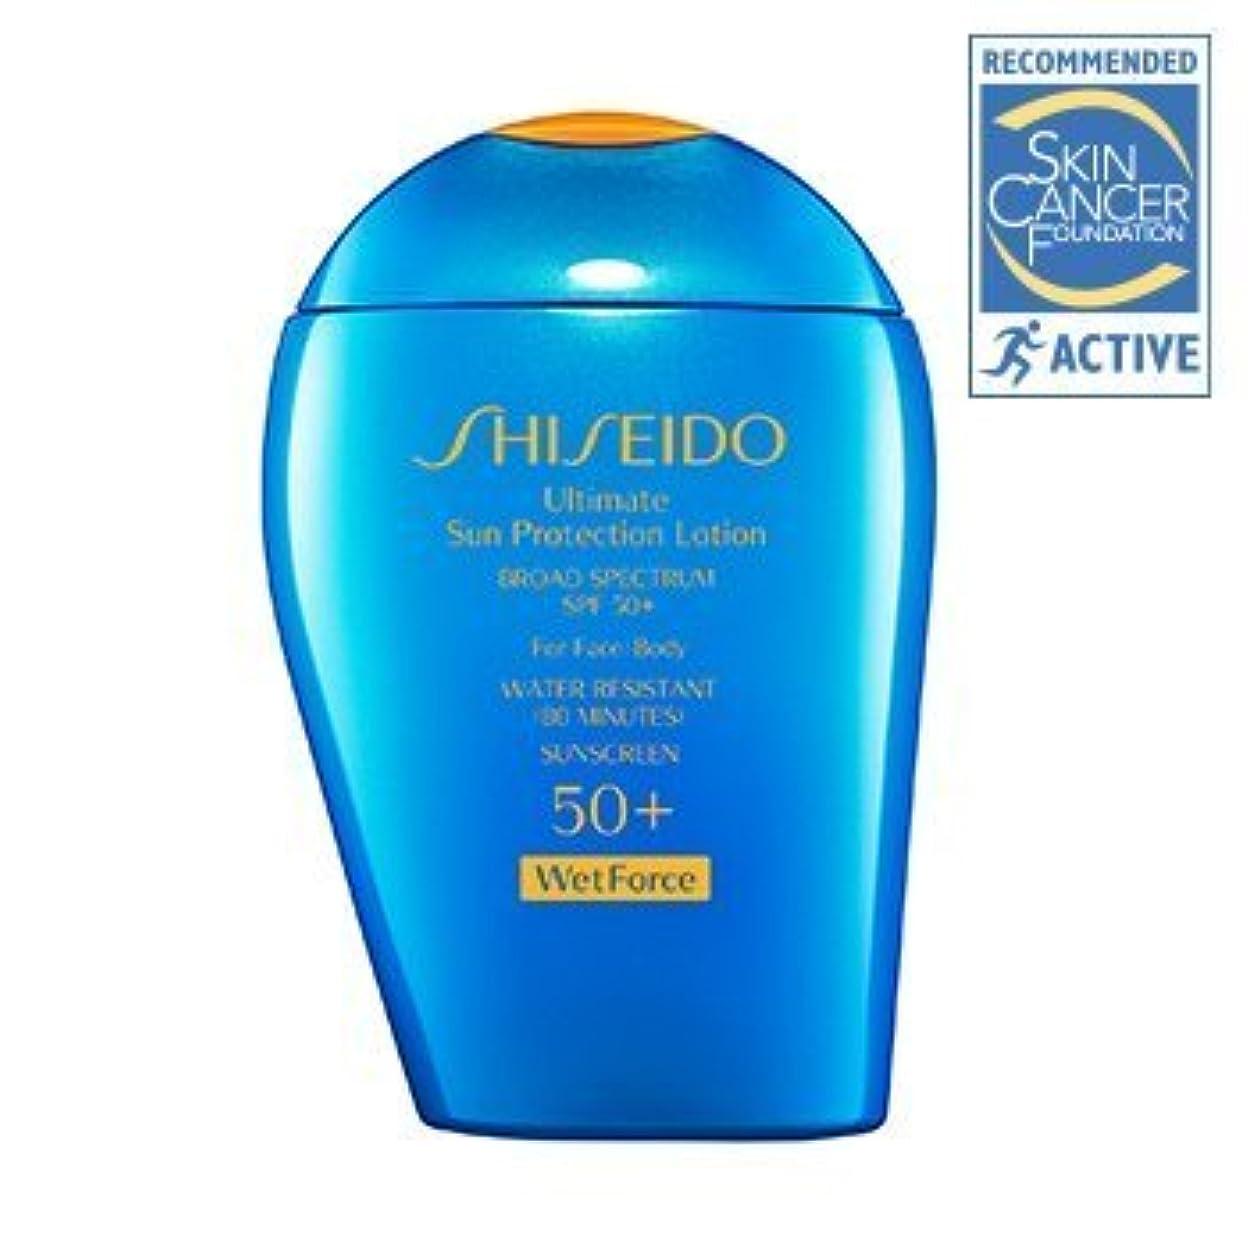 言うしょっぱい昆虫Shiseido Ultimate Sun Protection Face & Body Lotion Spf 50 Pa+++ 100Ml/3.4Oz by Shiseido [並行輸入品]